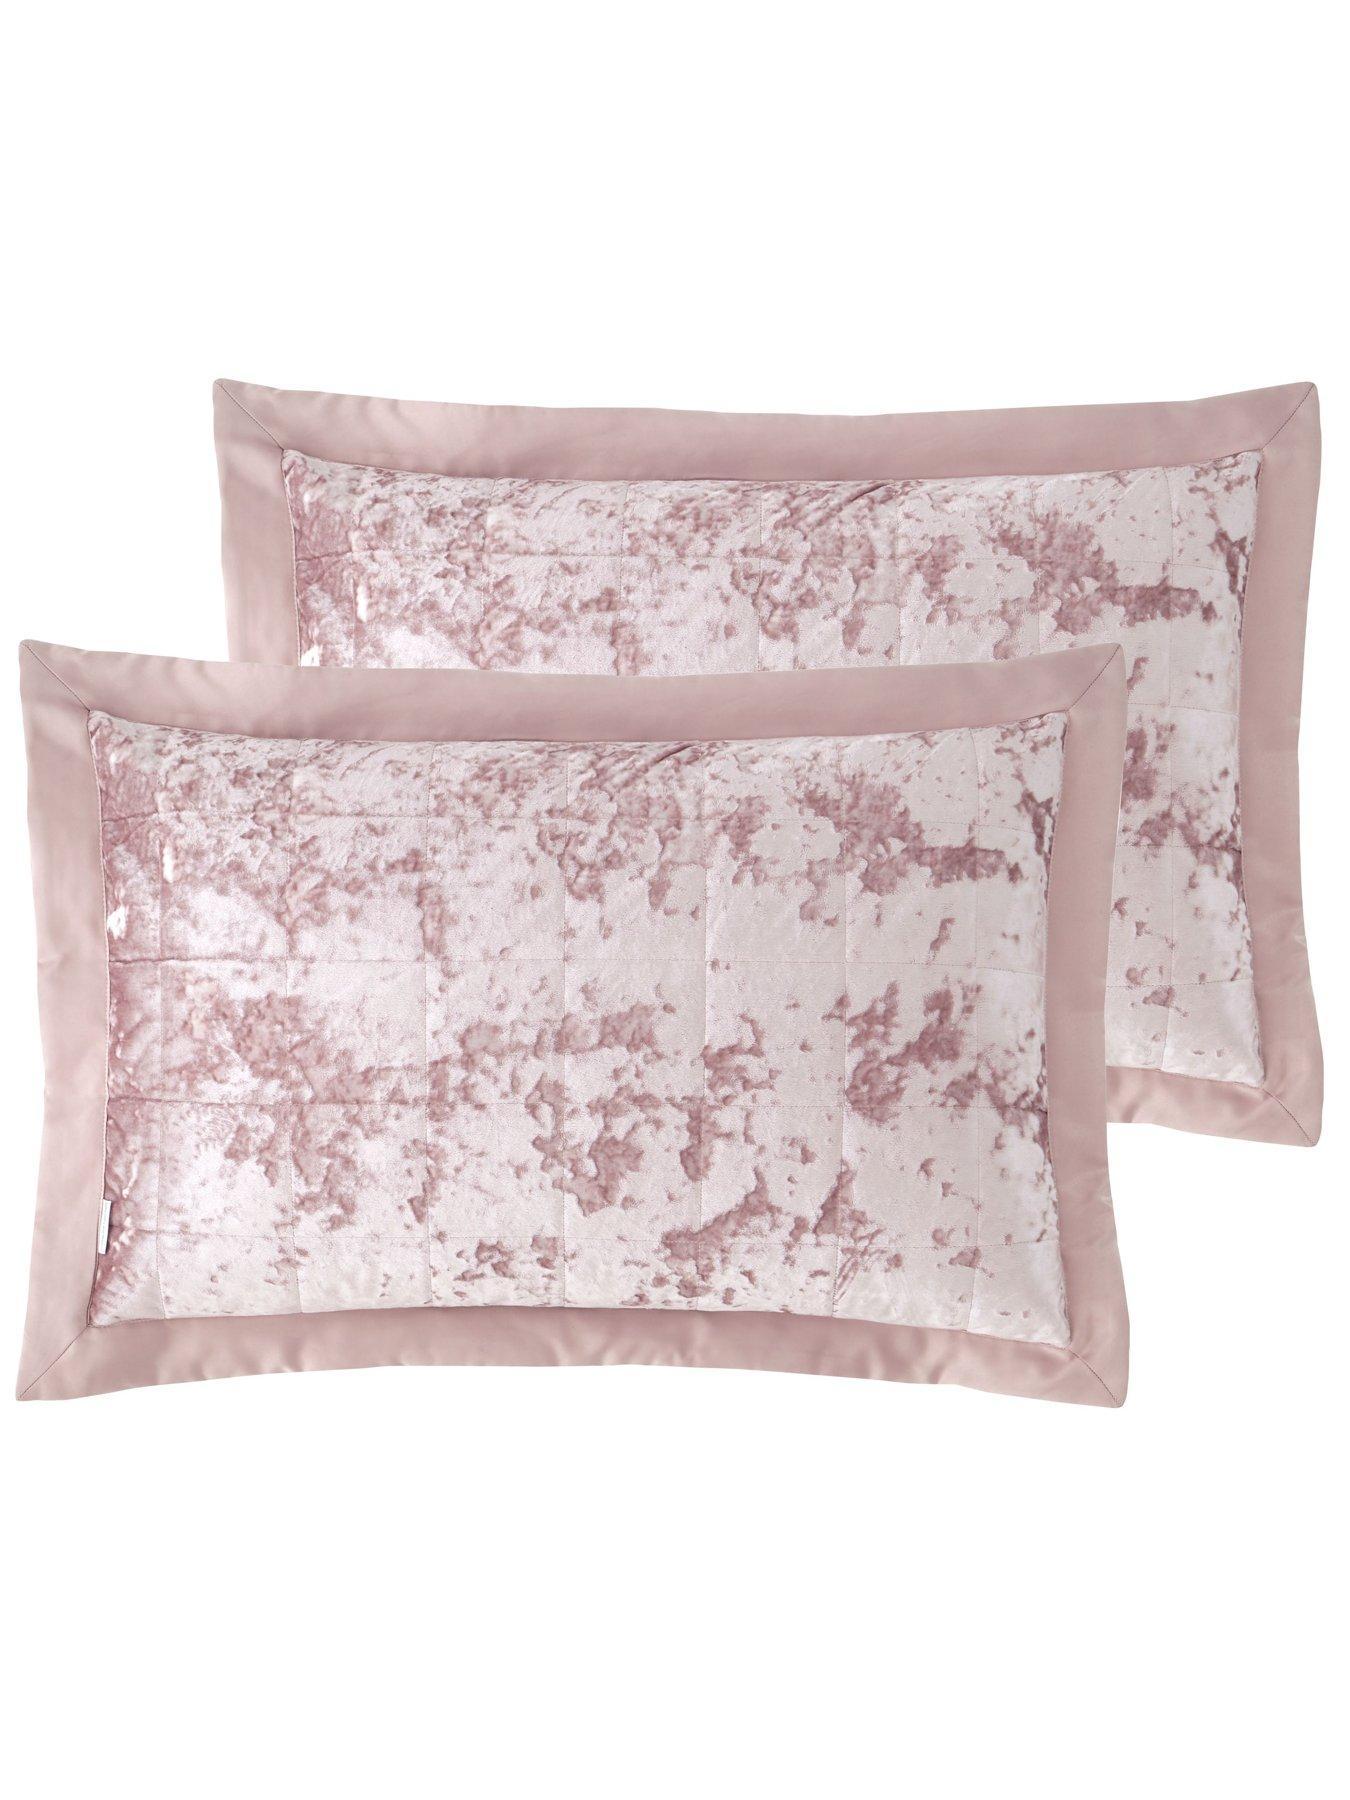 crushed velvet pillowsham pair pink